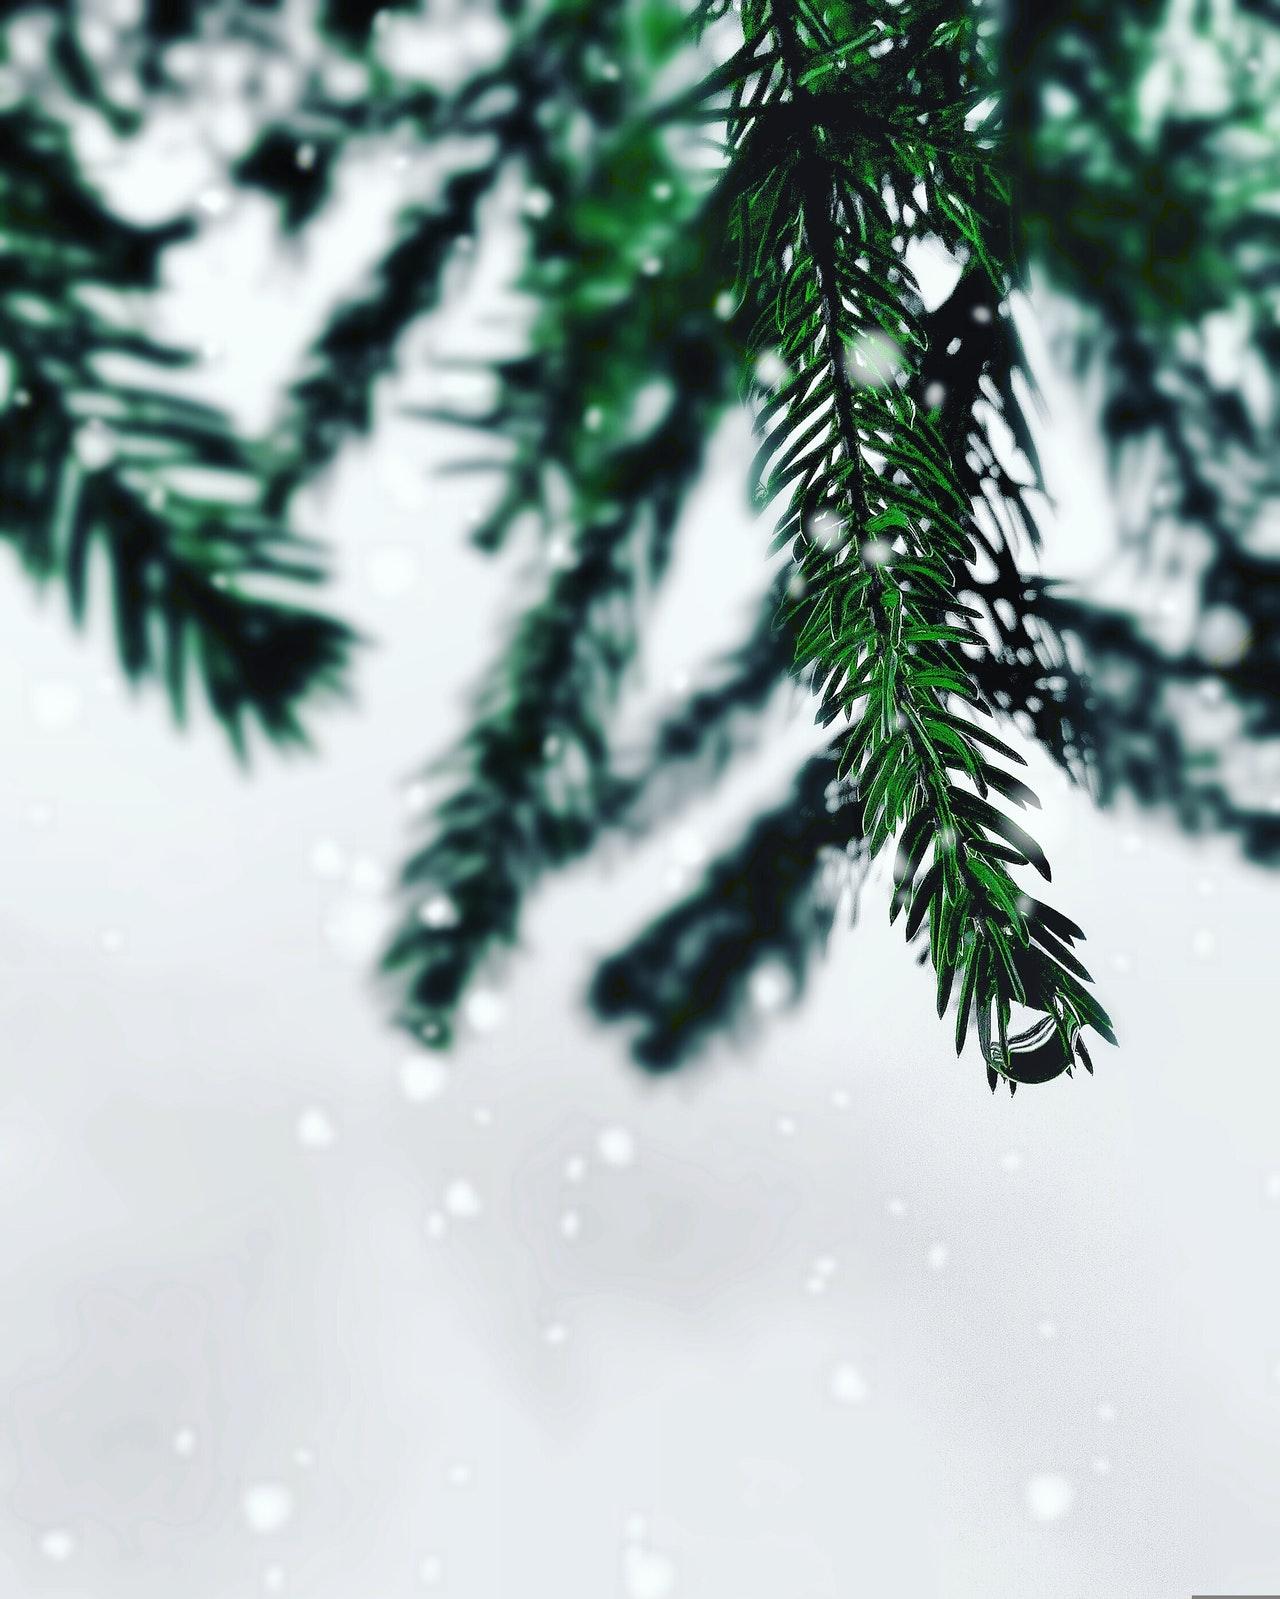 evergreen-pine-needles-in-snow